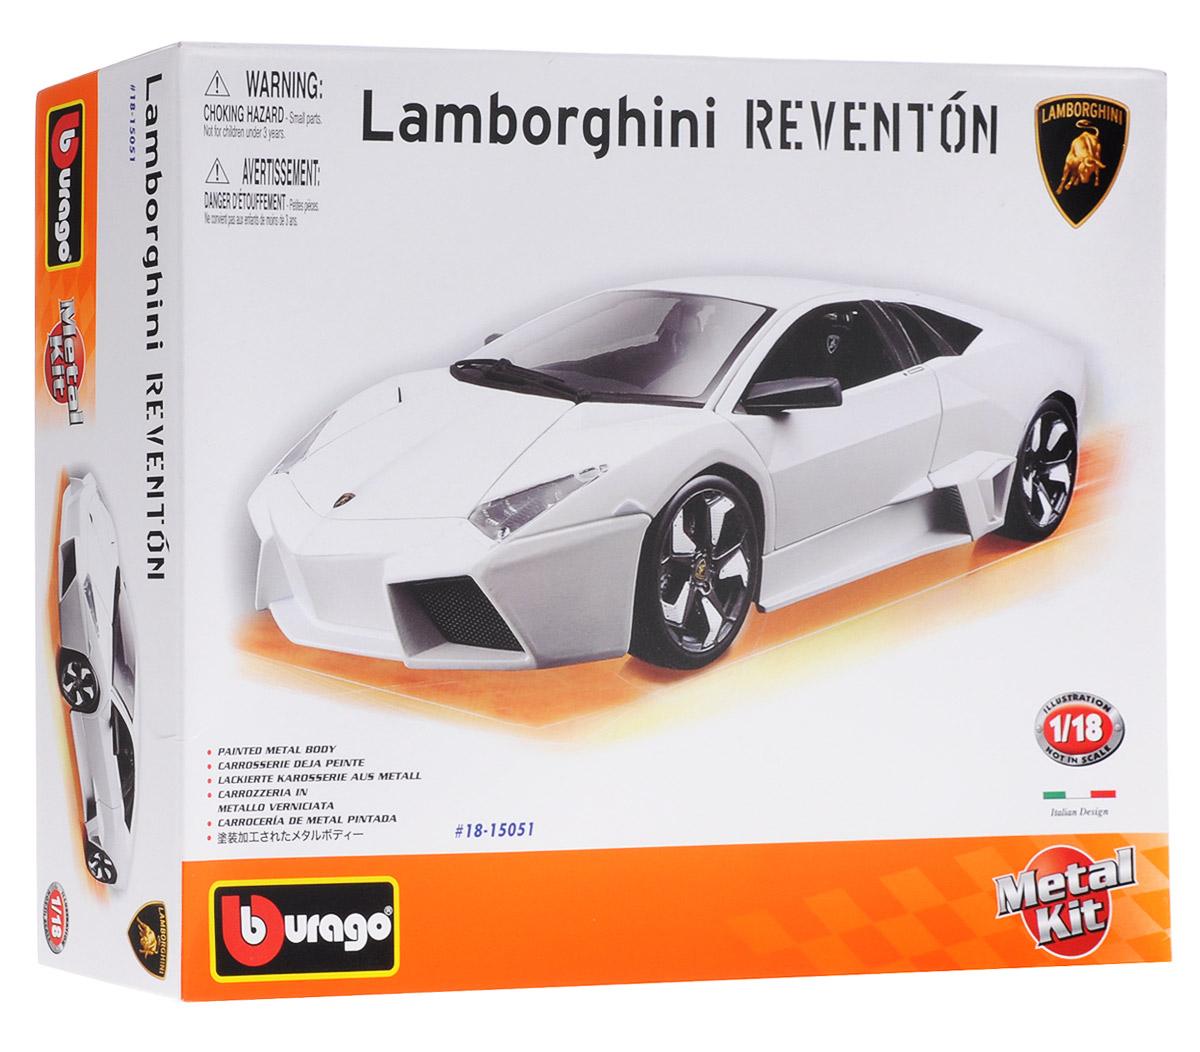 Bburago Сборная модель автомобиля Lamborghini Reventon цвет белый18-15051Сборная модель автомобиля Bburago Lamborghini Reventon привлечет к себе внимание не только детей, но и взрослых. Модель представлена в масштабе 1:18 и в точности воспроизводит все детали внешнего облика реального автомобиля. Корпус автомобиля выполнен из металла с использованием пластиковых элементов. Модель оборудована открывающимися дверцами, капотом и багажником. Во время игры с такой машинкой у ребенка развивается мелкая моторика рук, фантазия и воображение. В комплекте: элементы для сборки модели, наклейки и схематичная инструкция по сборке. Модель собирается без использования клея.